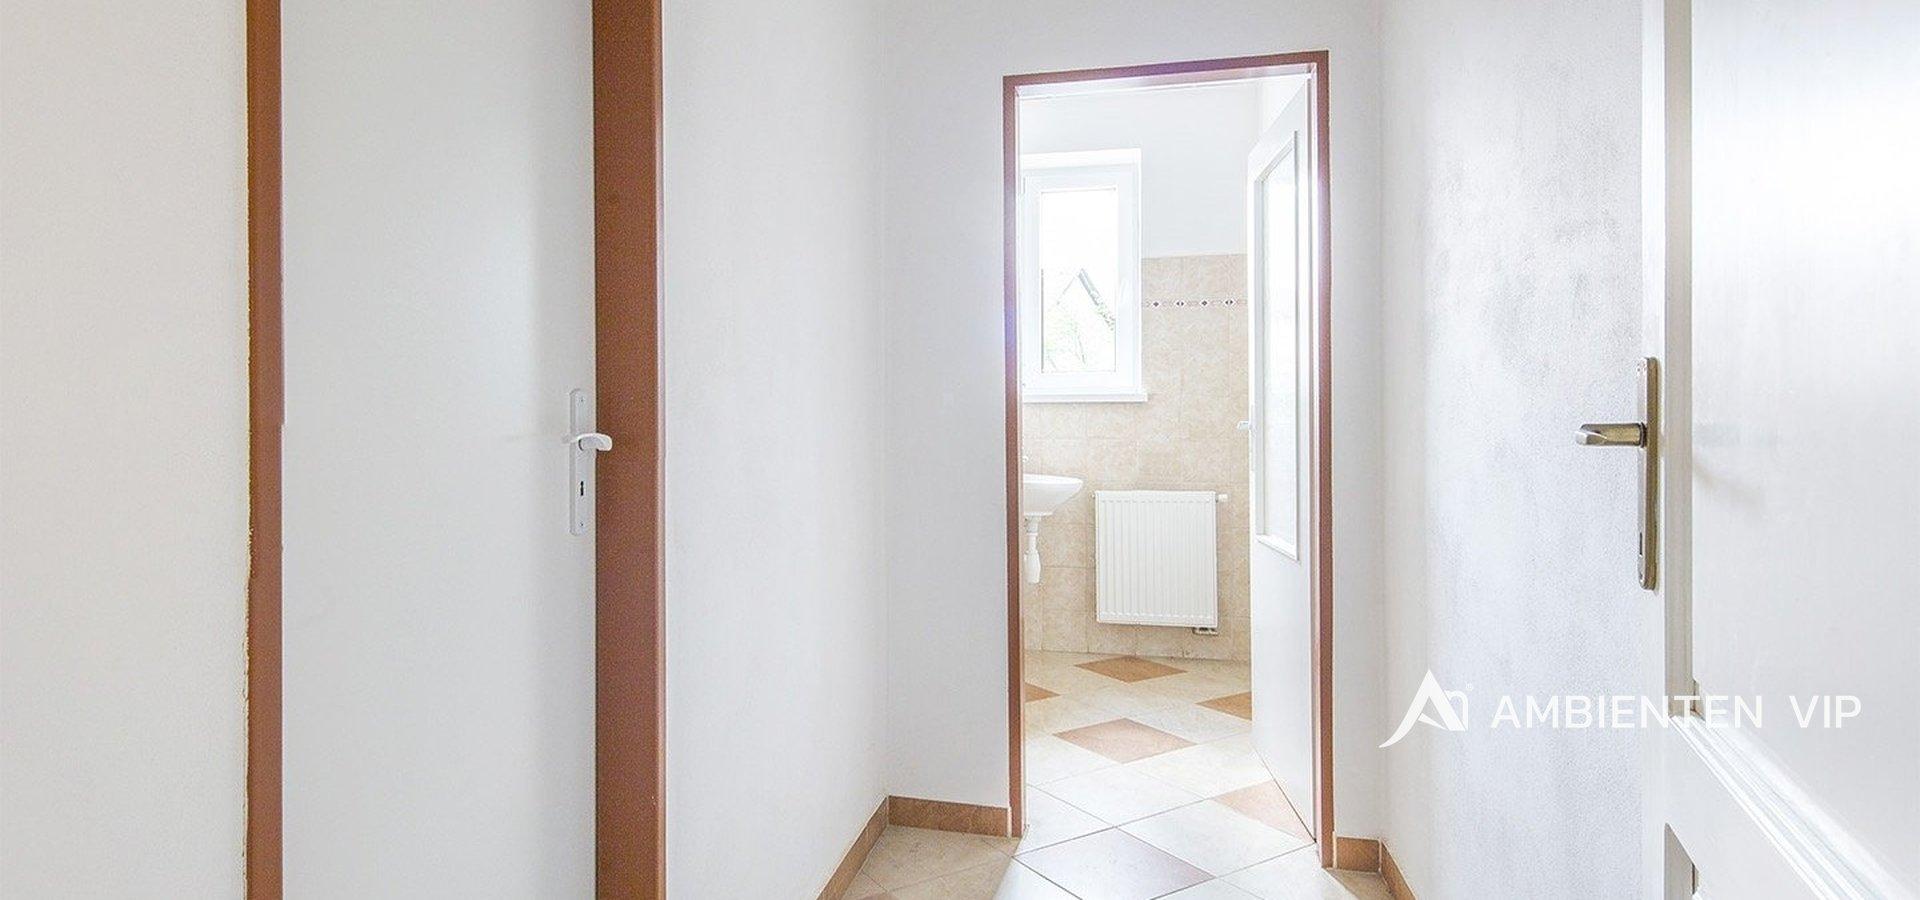 prodej-rodinneho-domu-na-bydleni-i-investici-477m2-telc-26merge-2f6d24